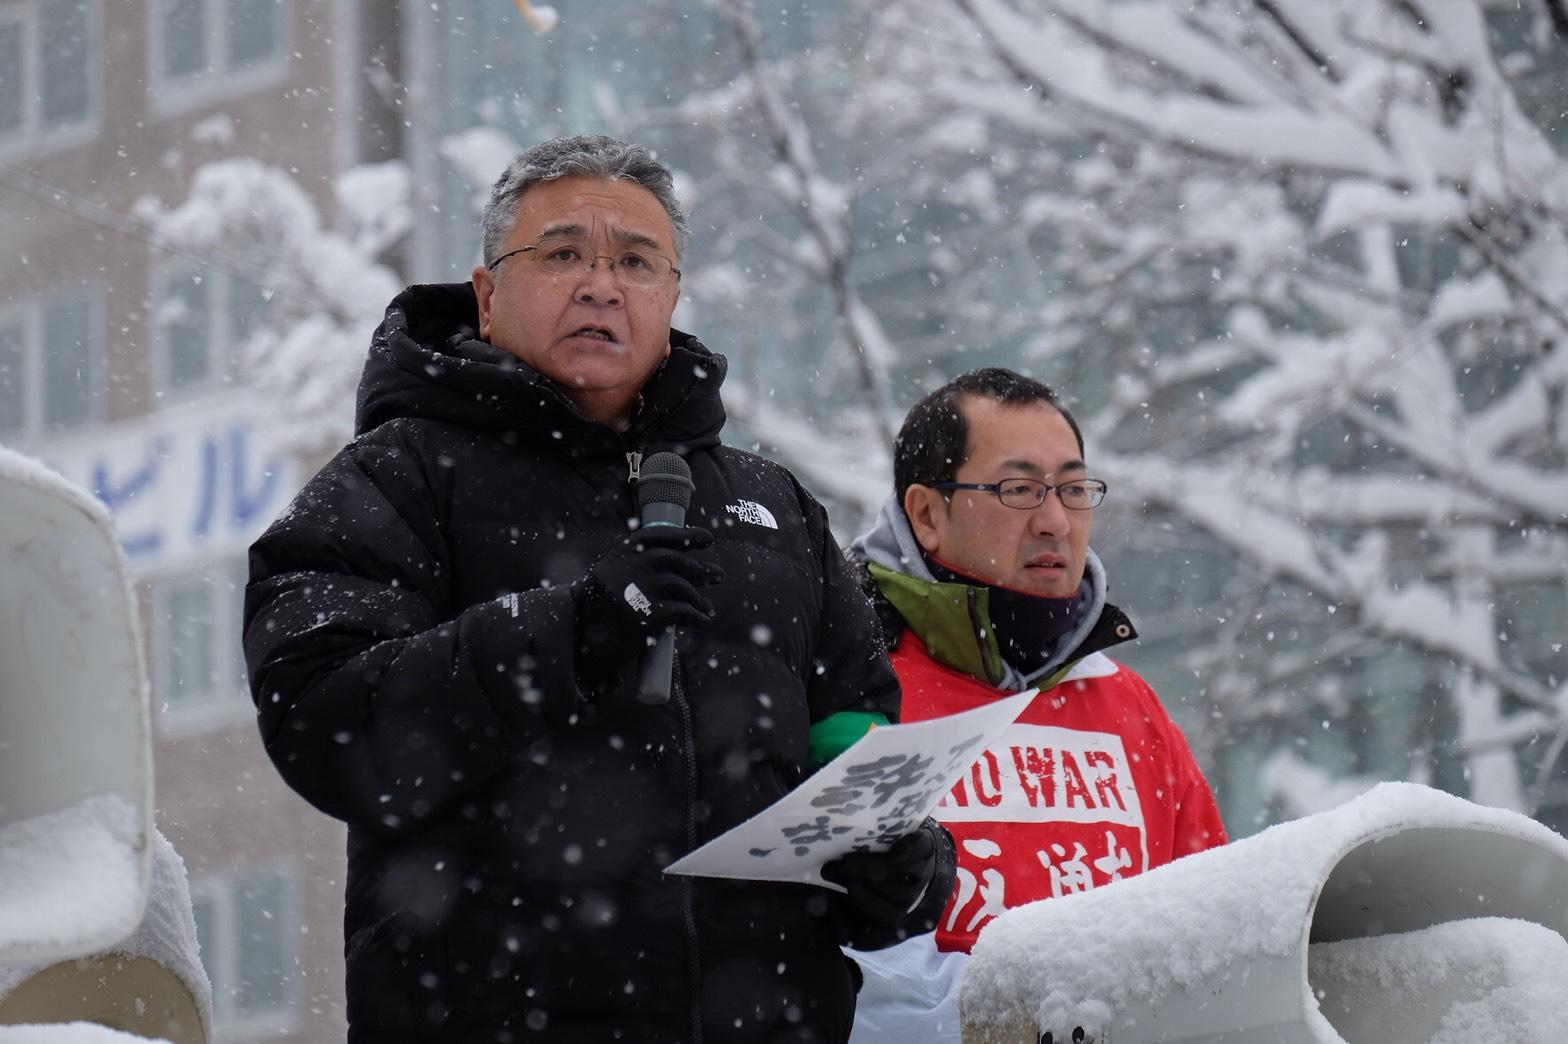 全国3000万筆署名やり抜こう=11.19戦争させない北海道委員会「総がかり行動」